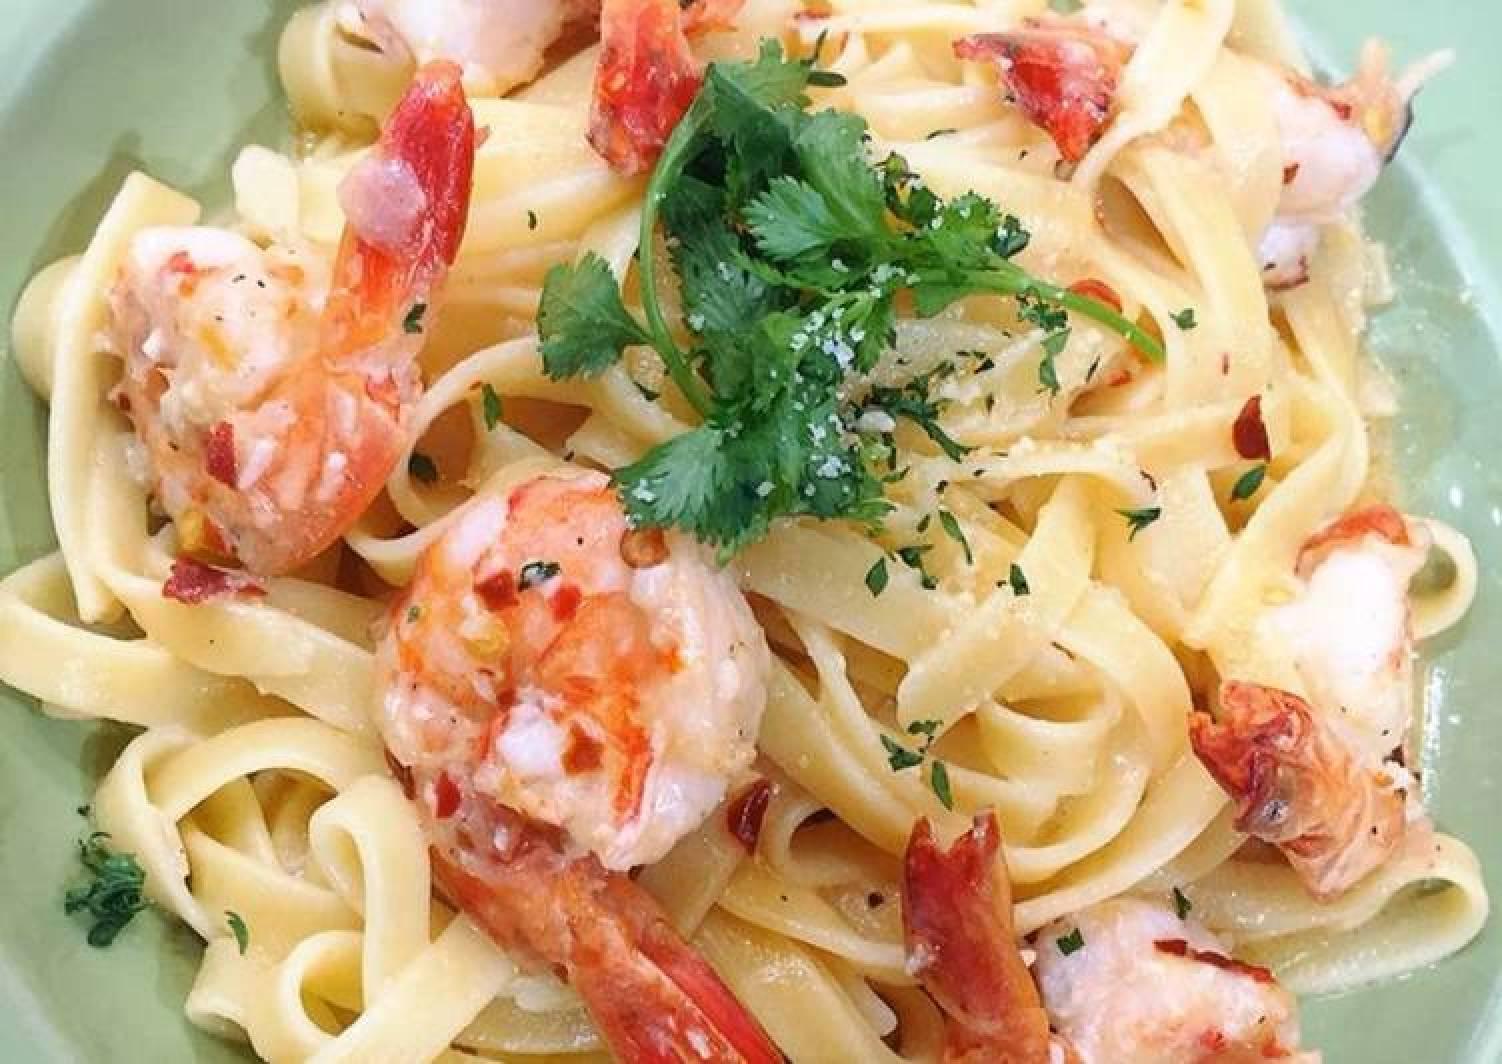 Shrimp Creamy Fettucini Pasta